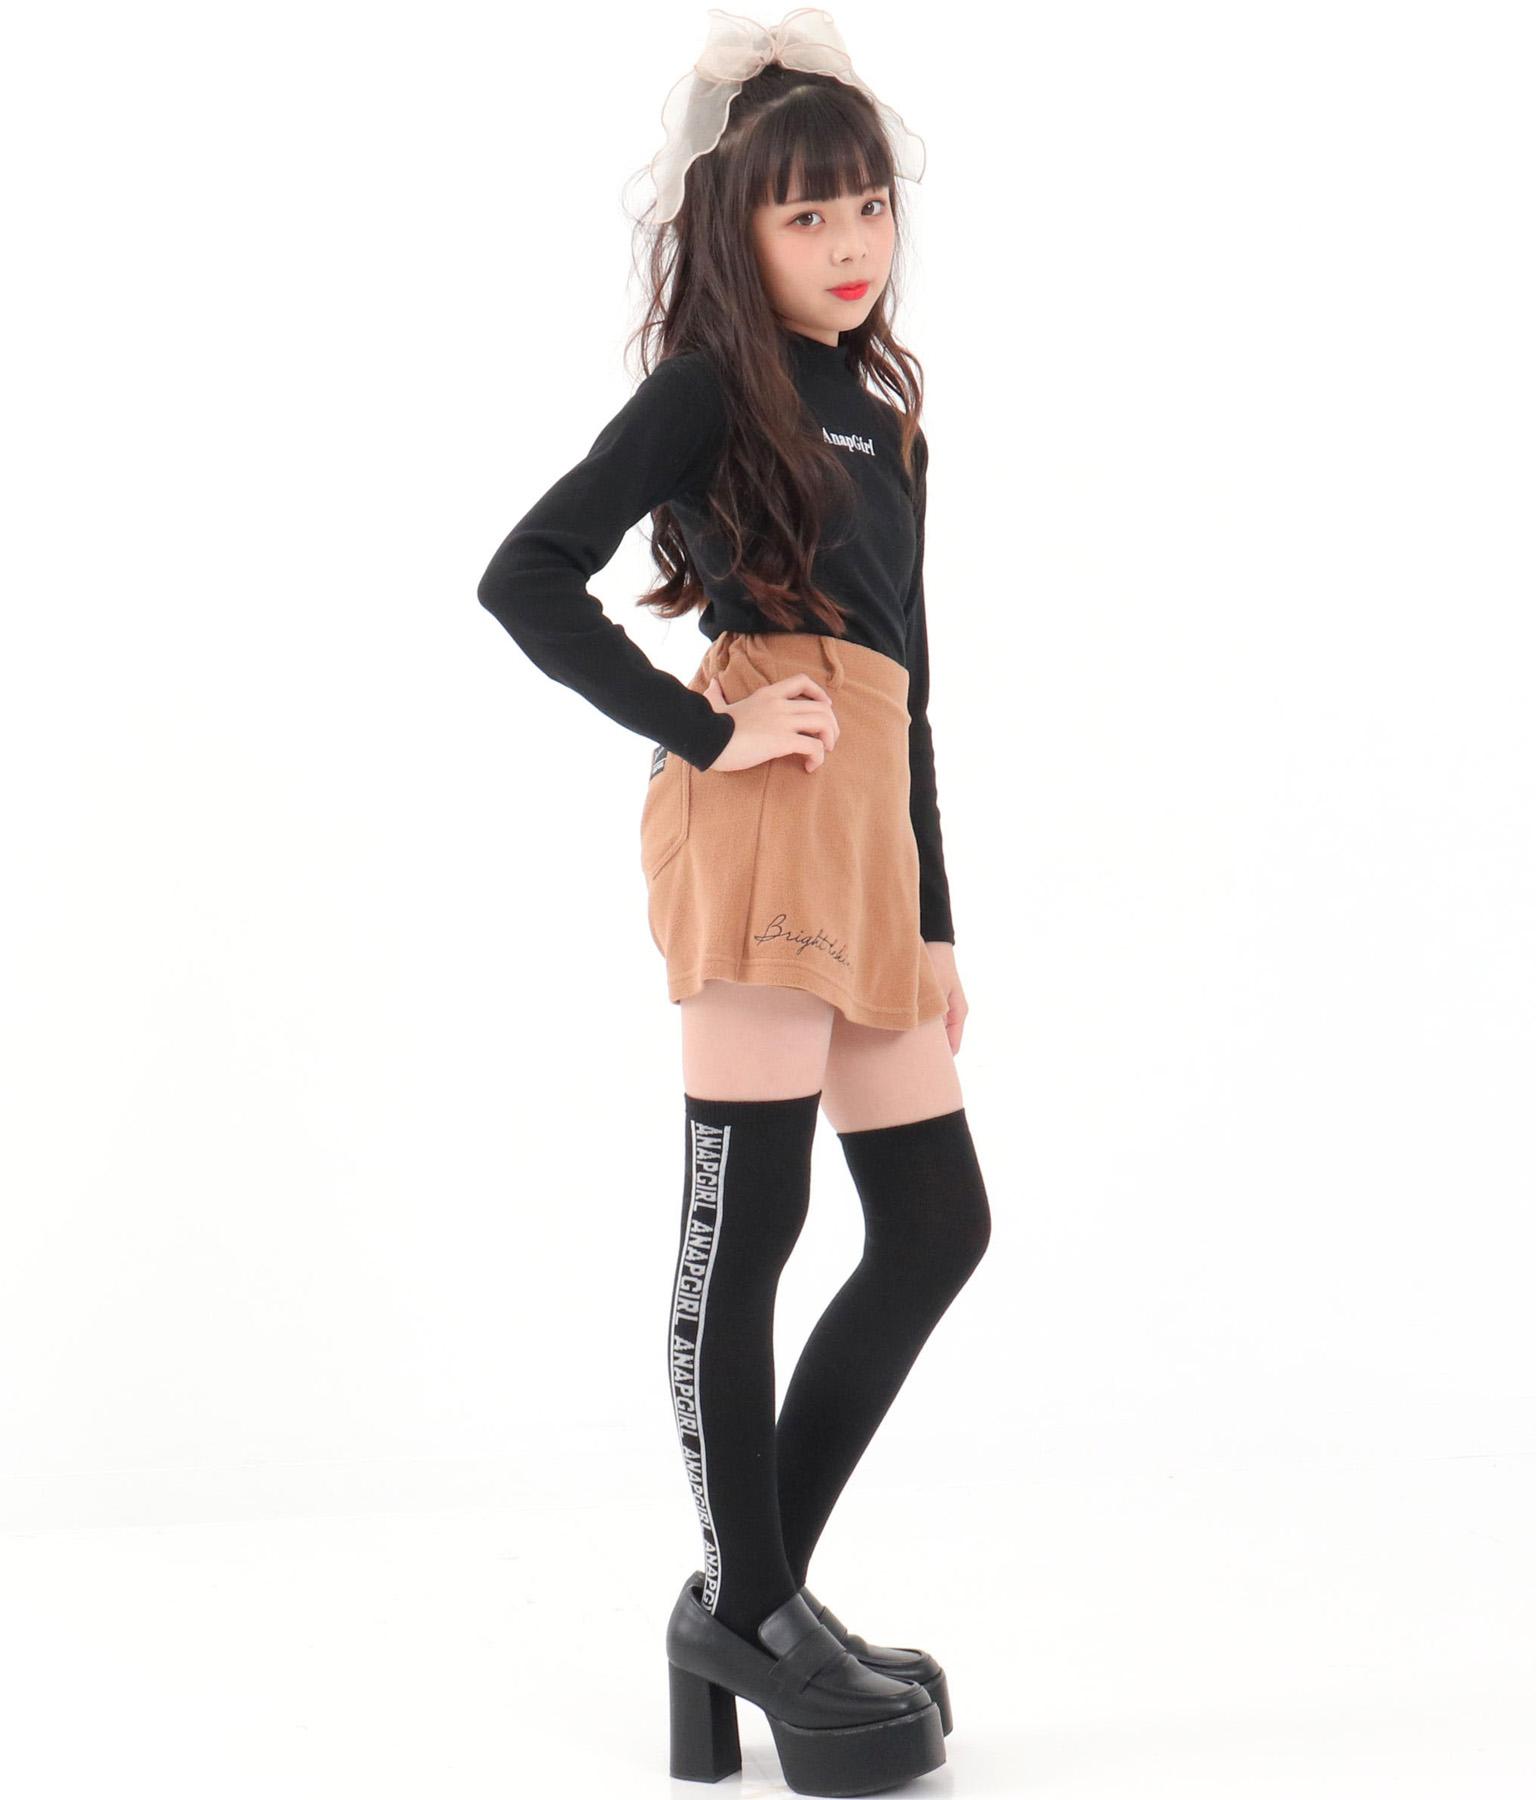 ラインロゴニーハイソックス(ファッション雑貨/ソックス・靴下) | ANAP GiRL